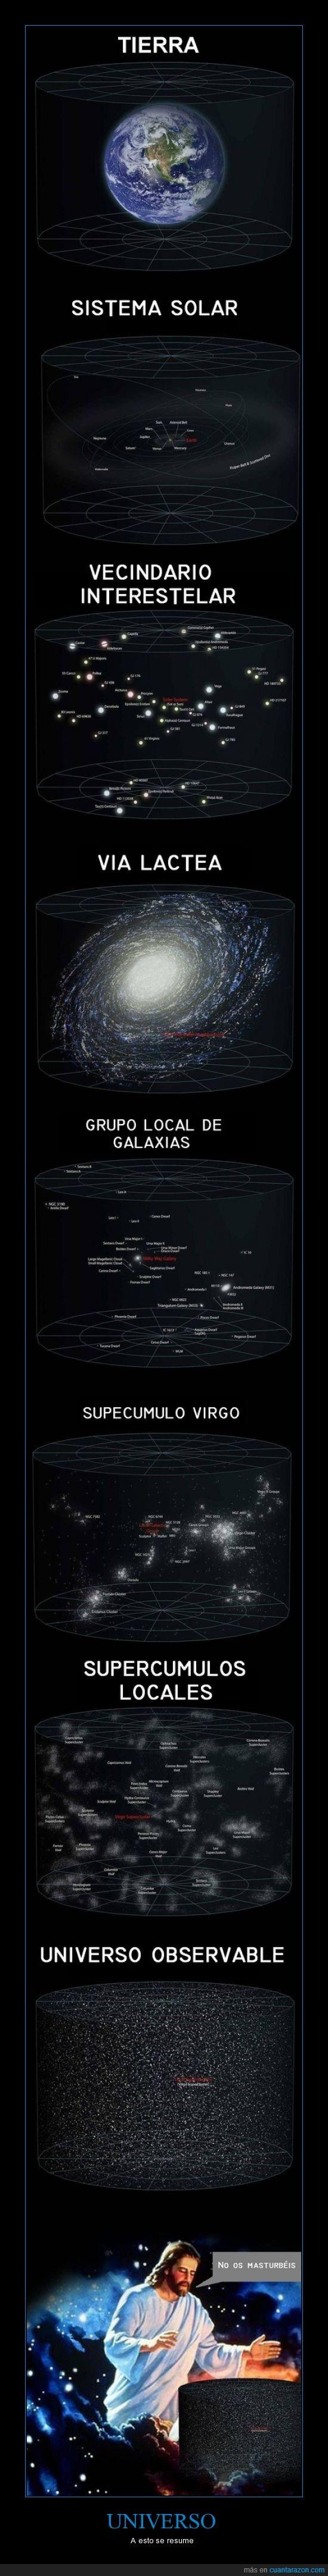 Jesús,Sistema Solar,Supecúmulo Virgo,Tierra,Universo,Vía Láctea